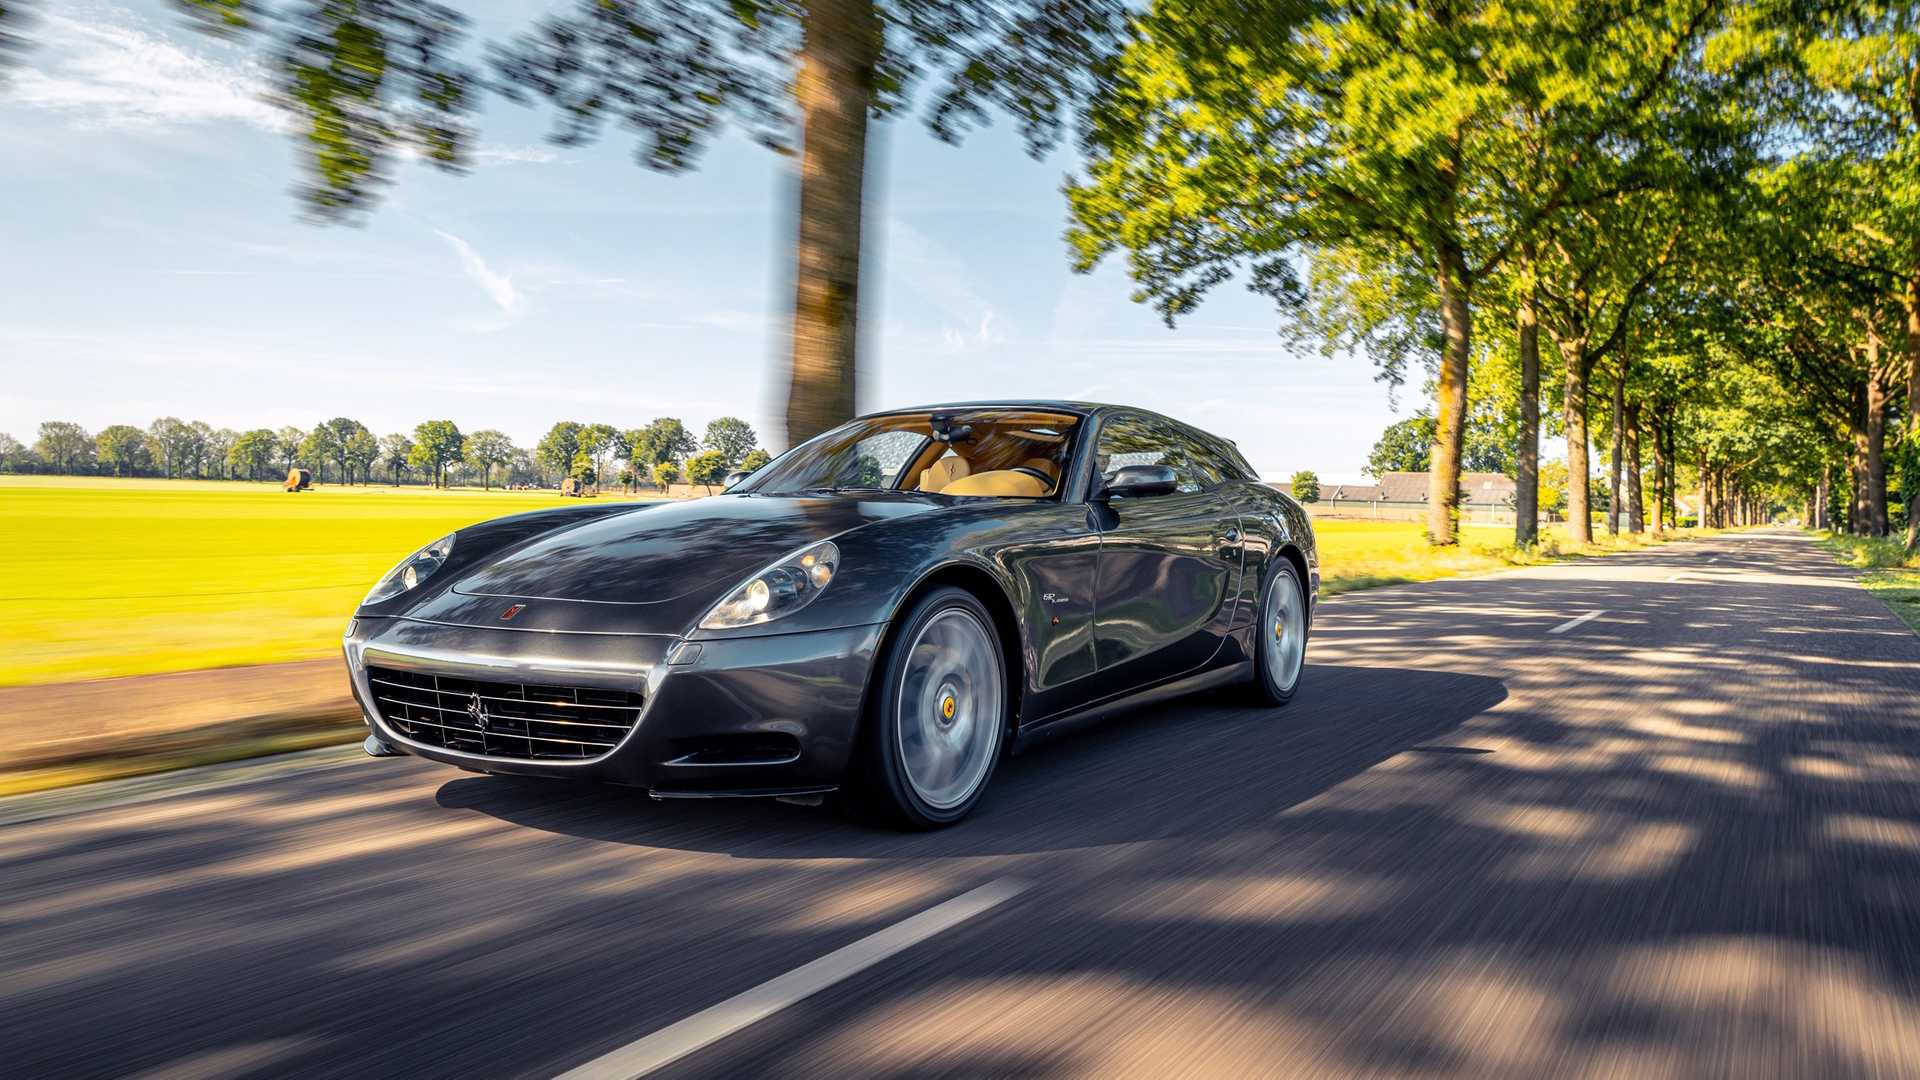 Ferrari-612-Scaglietti-Shooting-Brake-by-Vandenbrink-8